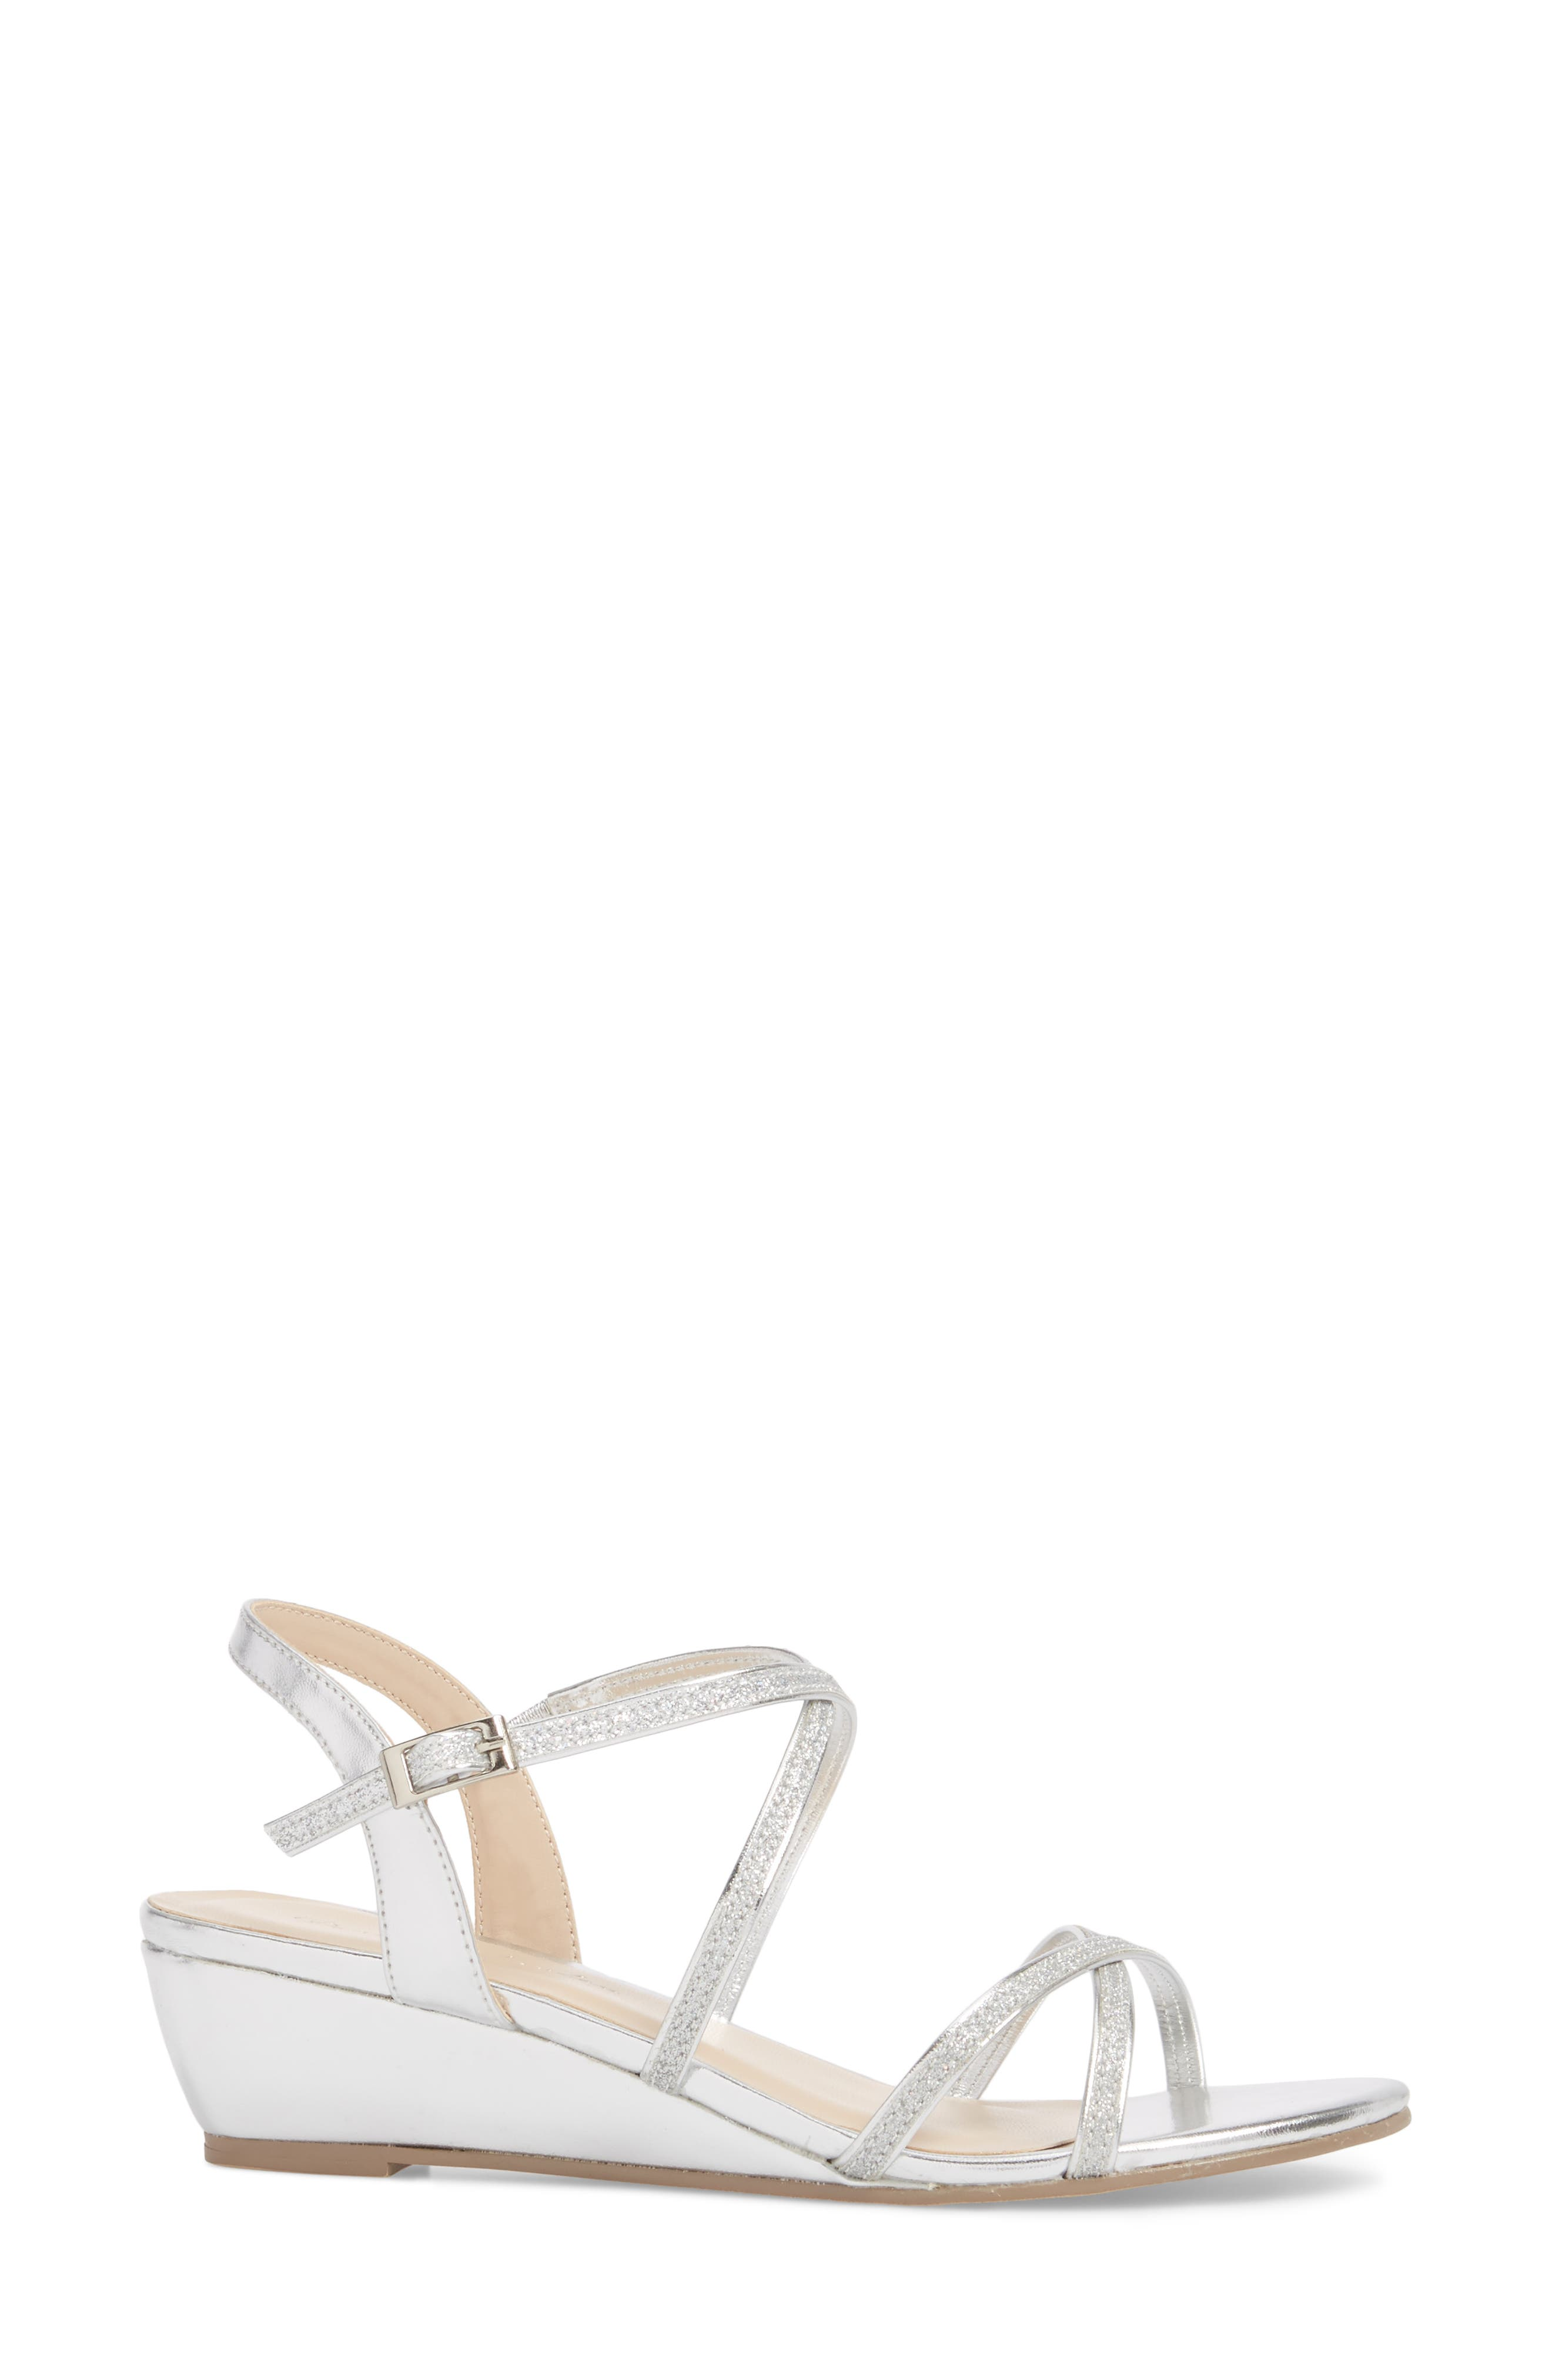 Kadie Wedge Sandal,                             Alternate thumbnail 3, color,                             Silver Glitter